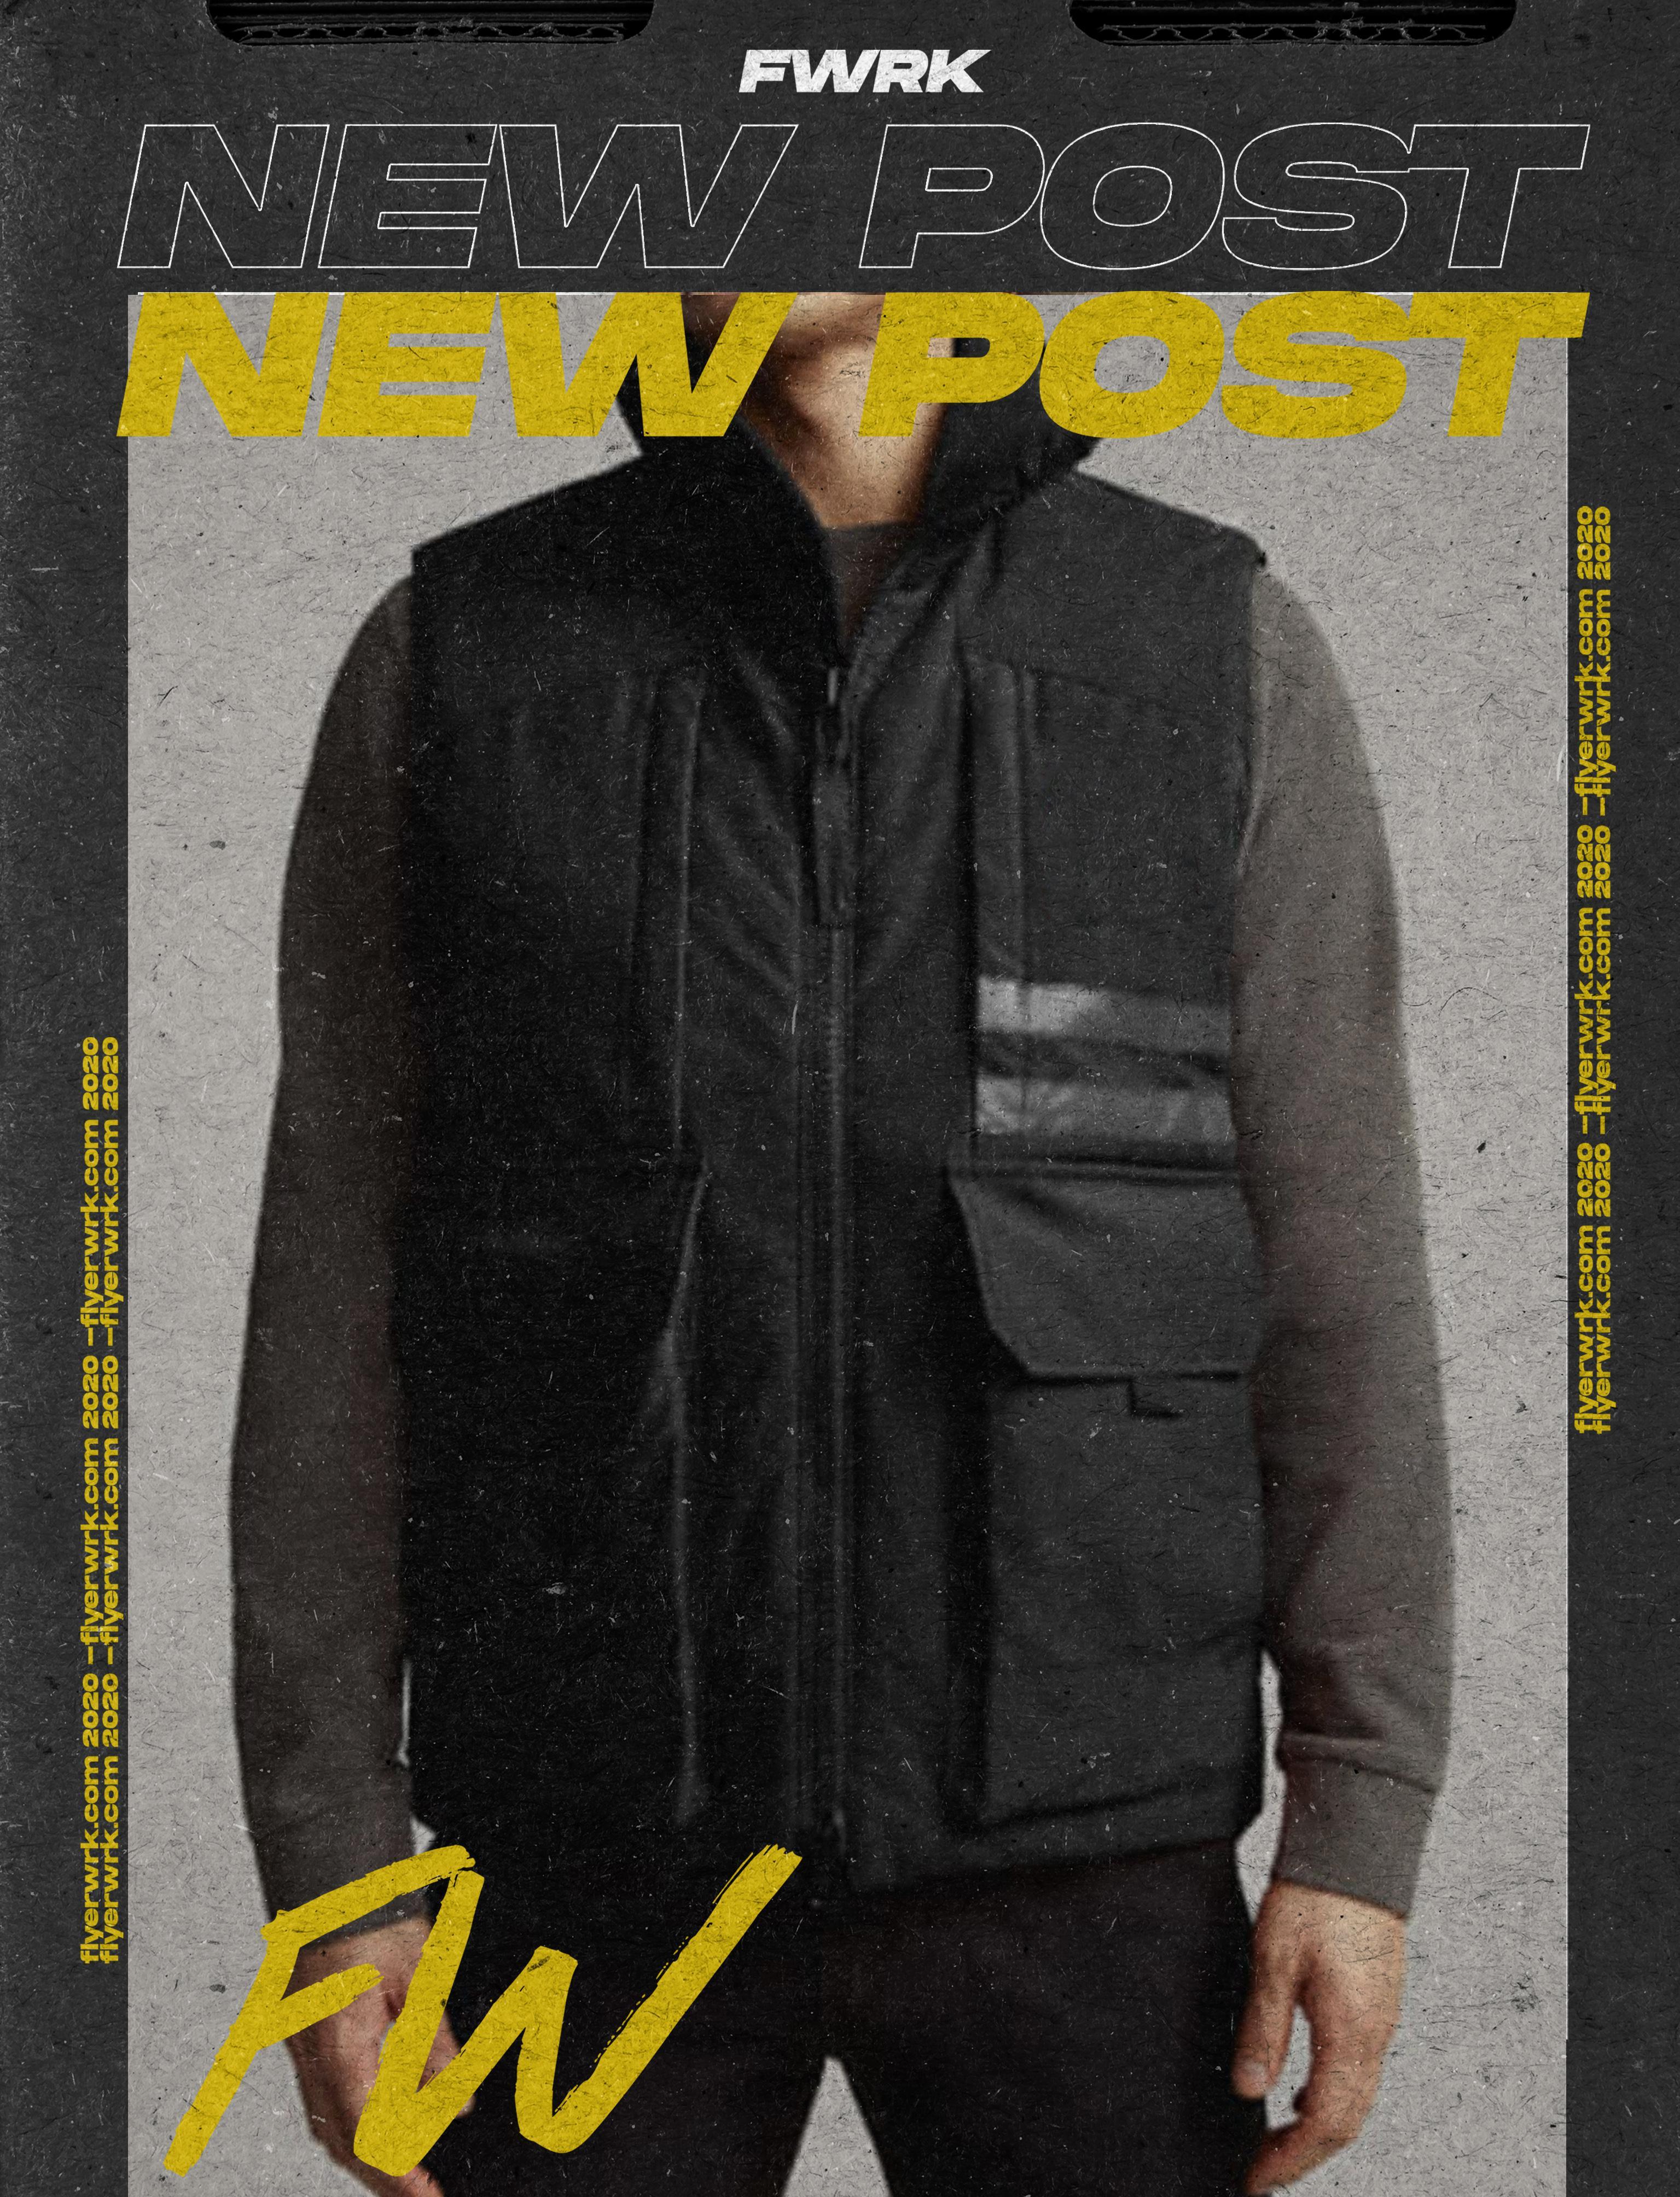 Yüksek Qualitydown Ceket Yelek Sonbahar Kış Isı Koruma Stilist Moda Erkekler ve Kadınlar Kalınlaşmış Açık Ceket Soğuk Kanıtlı olmalıdır